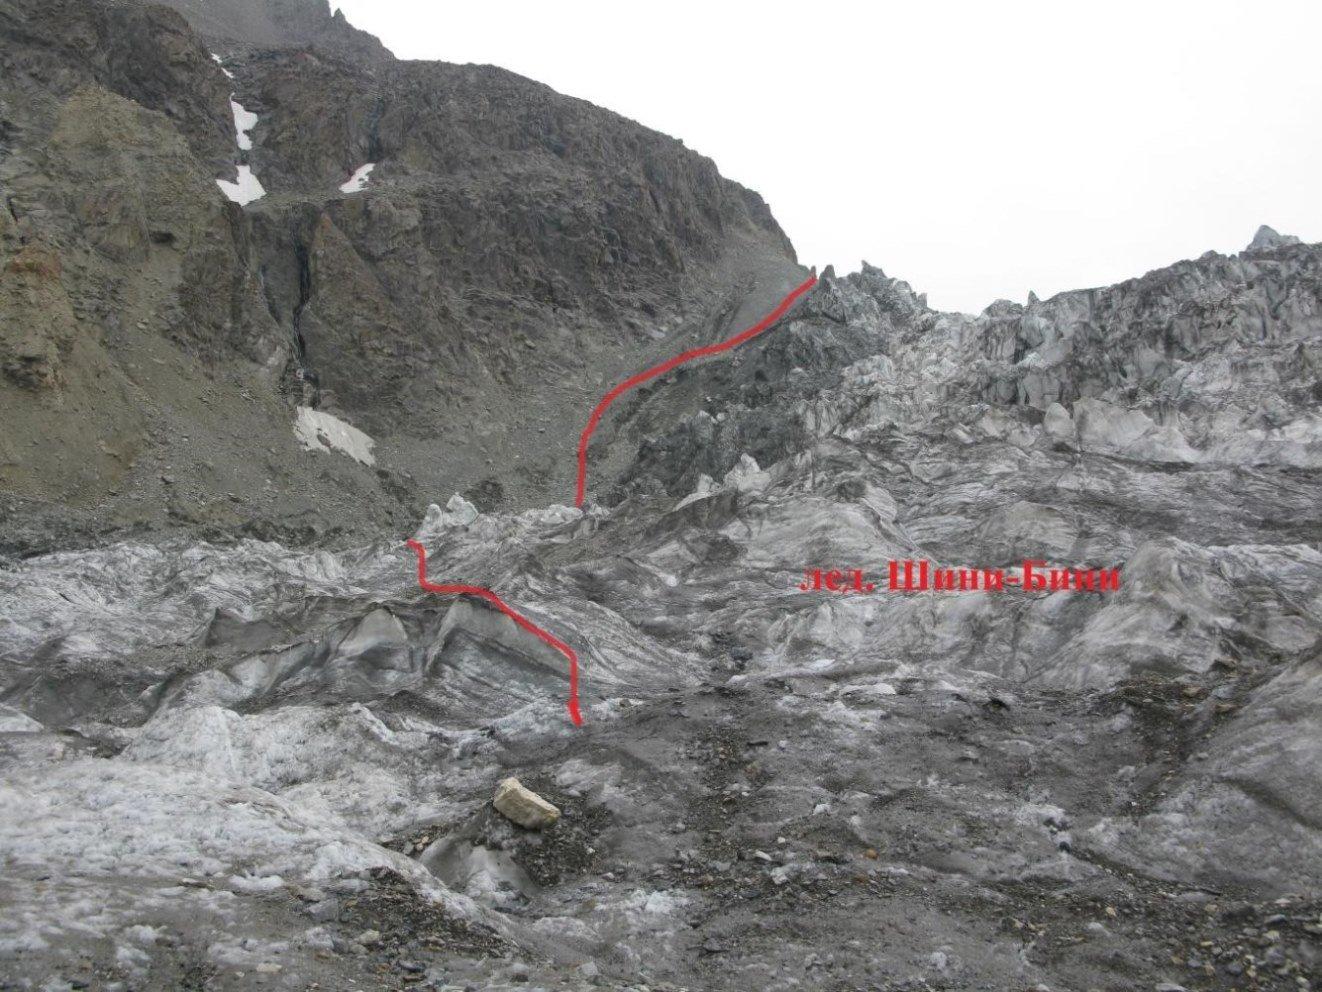 Отчет о горном спортивном маршруте 6к.с. по Северо-Западному Памиру